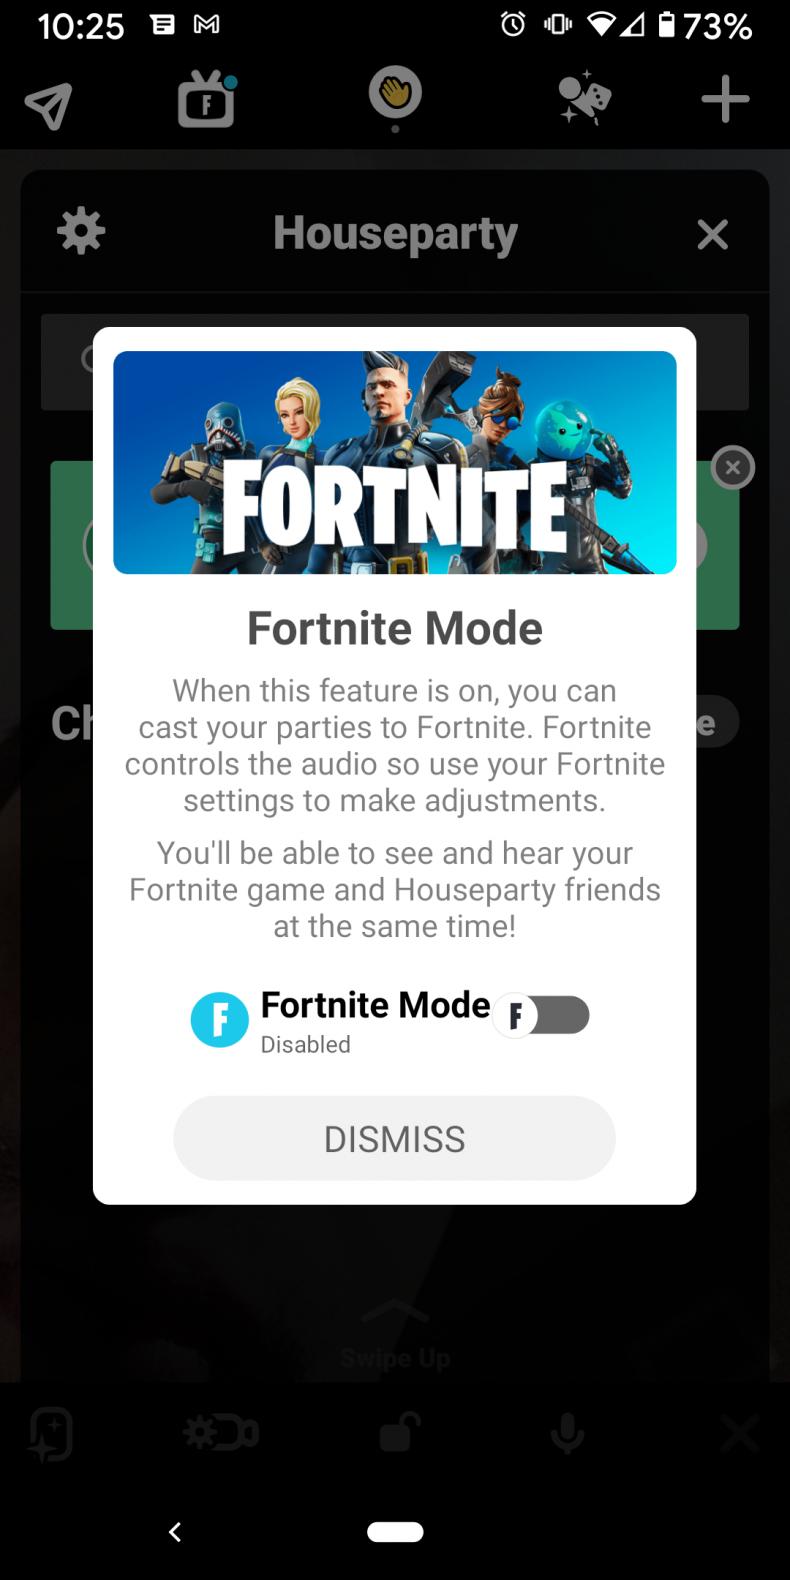 fortnite houseparty mode